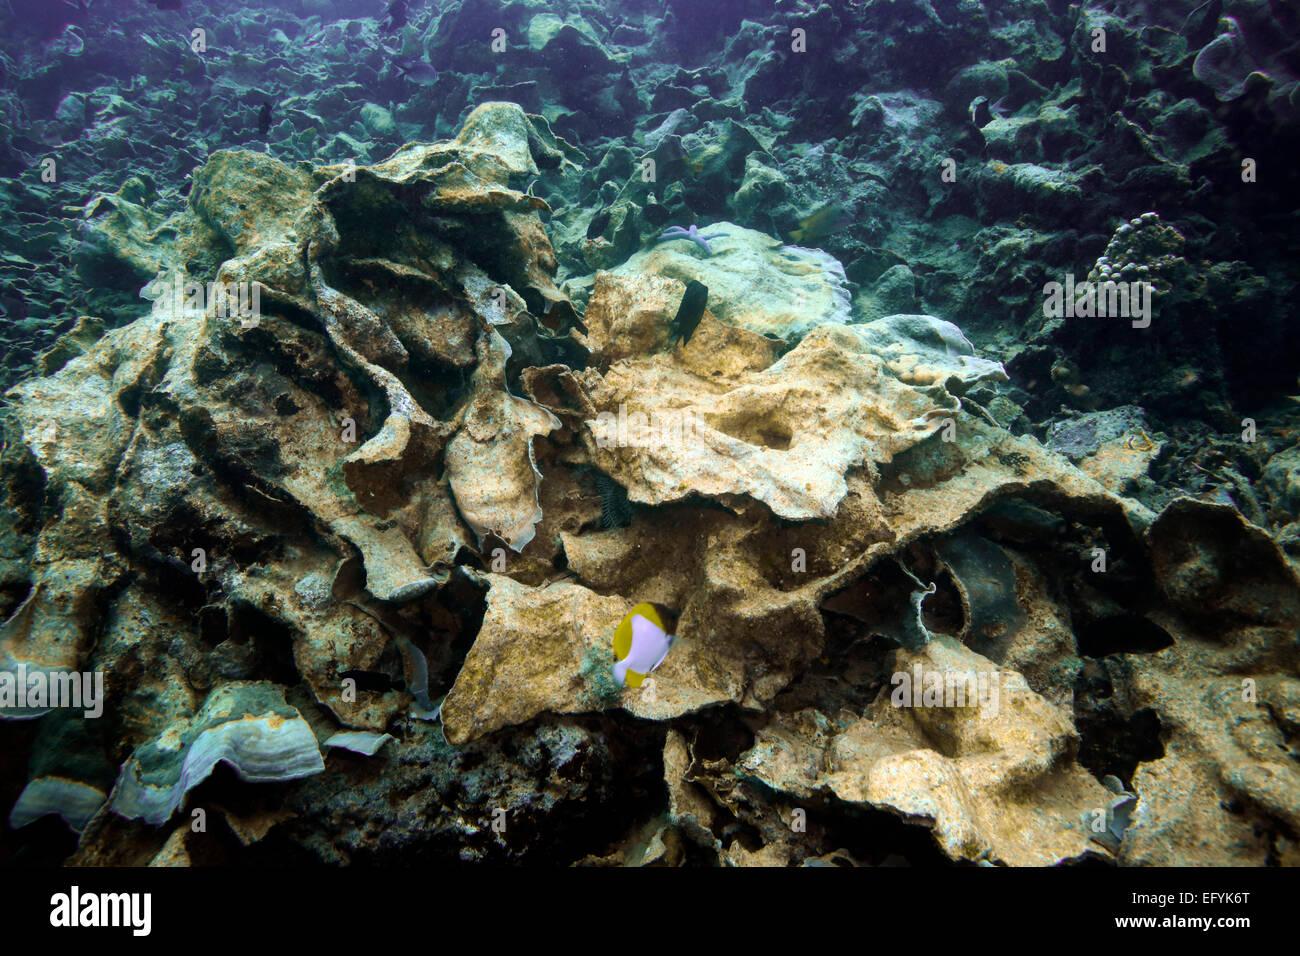 Dying coral reef at Bunaken Island, Sulawesi - Stock Image